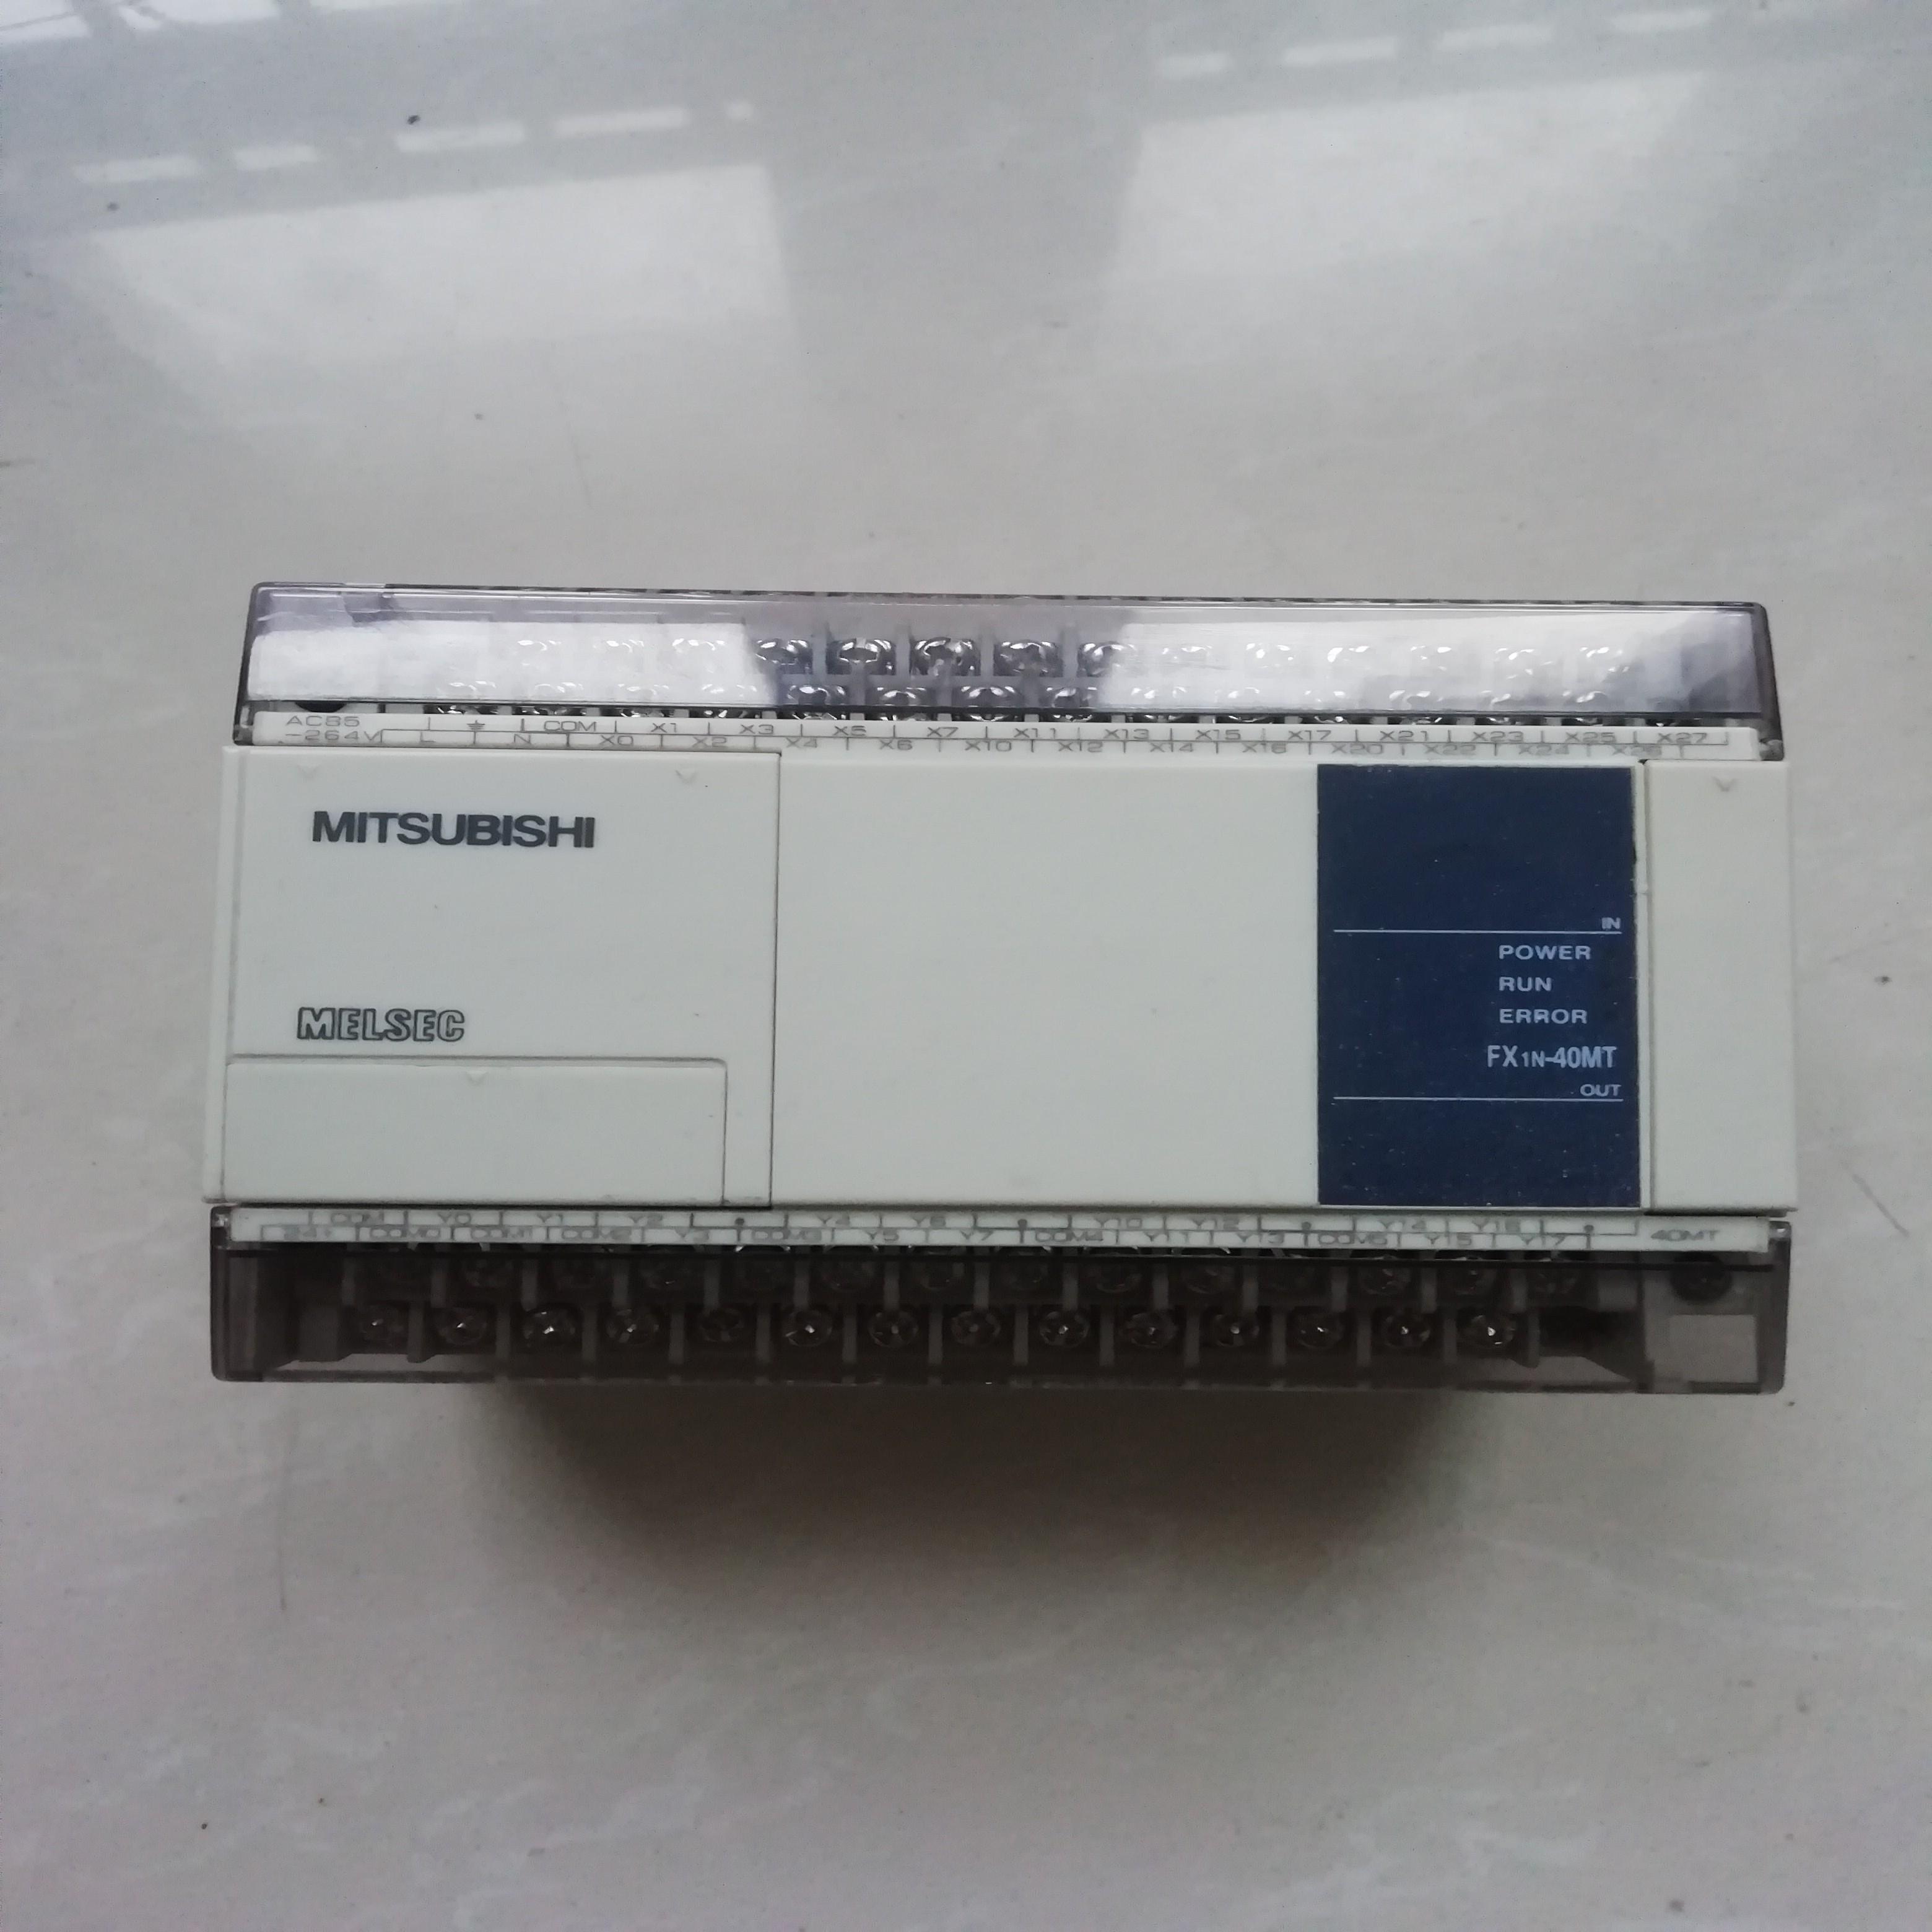 包好包邮 001 MT 60MR 40MR 24MR 14MR FX1N 原装正品 PLC 三菱